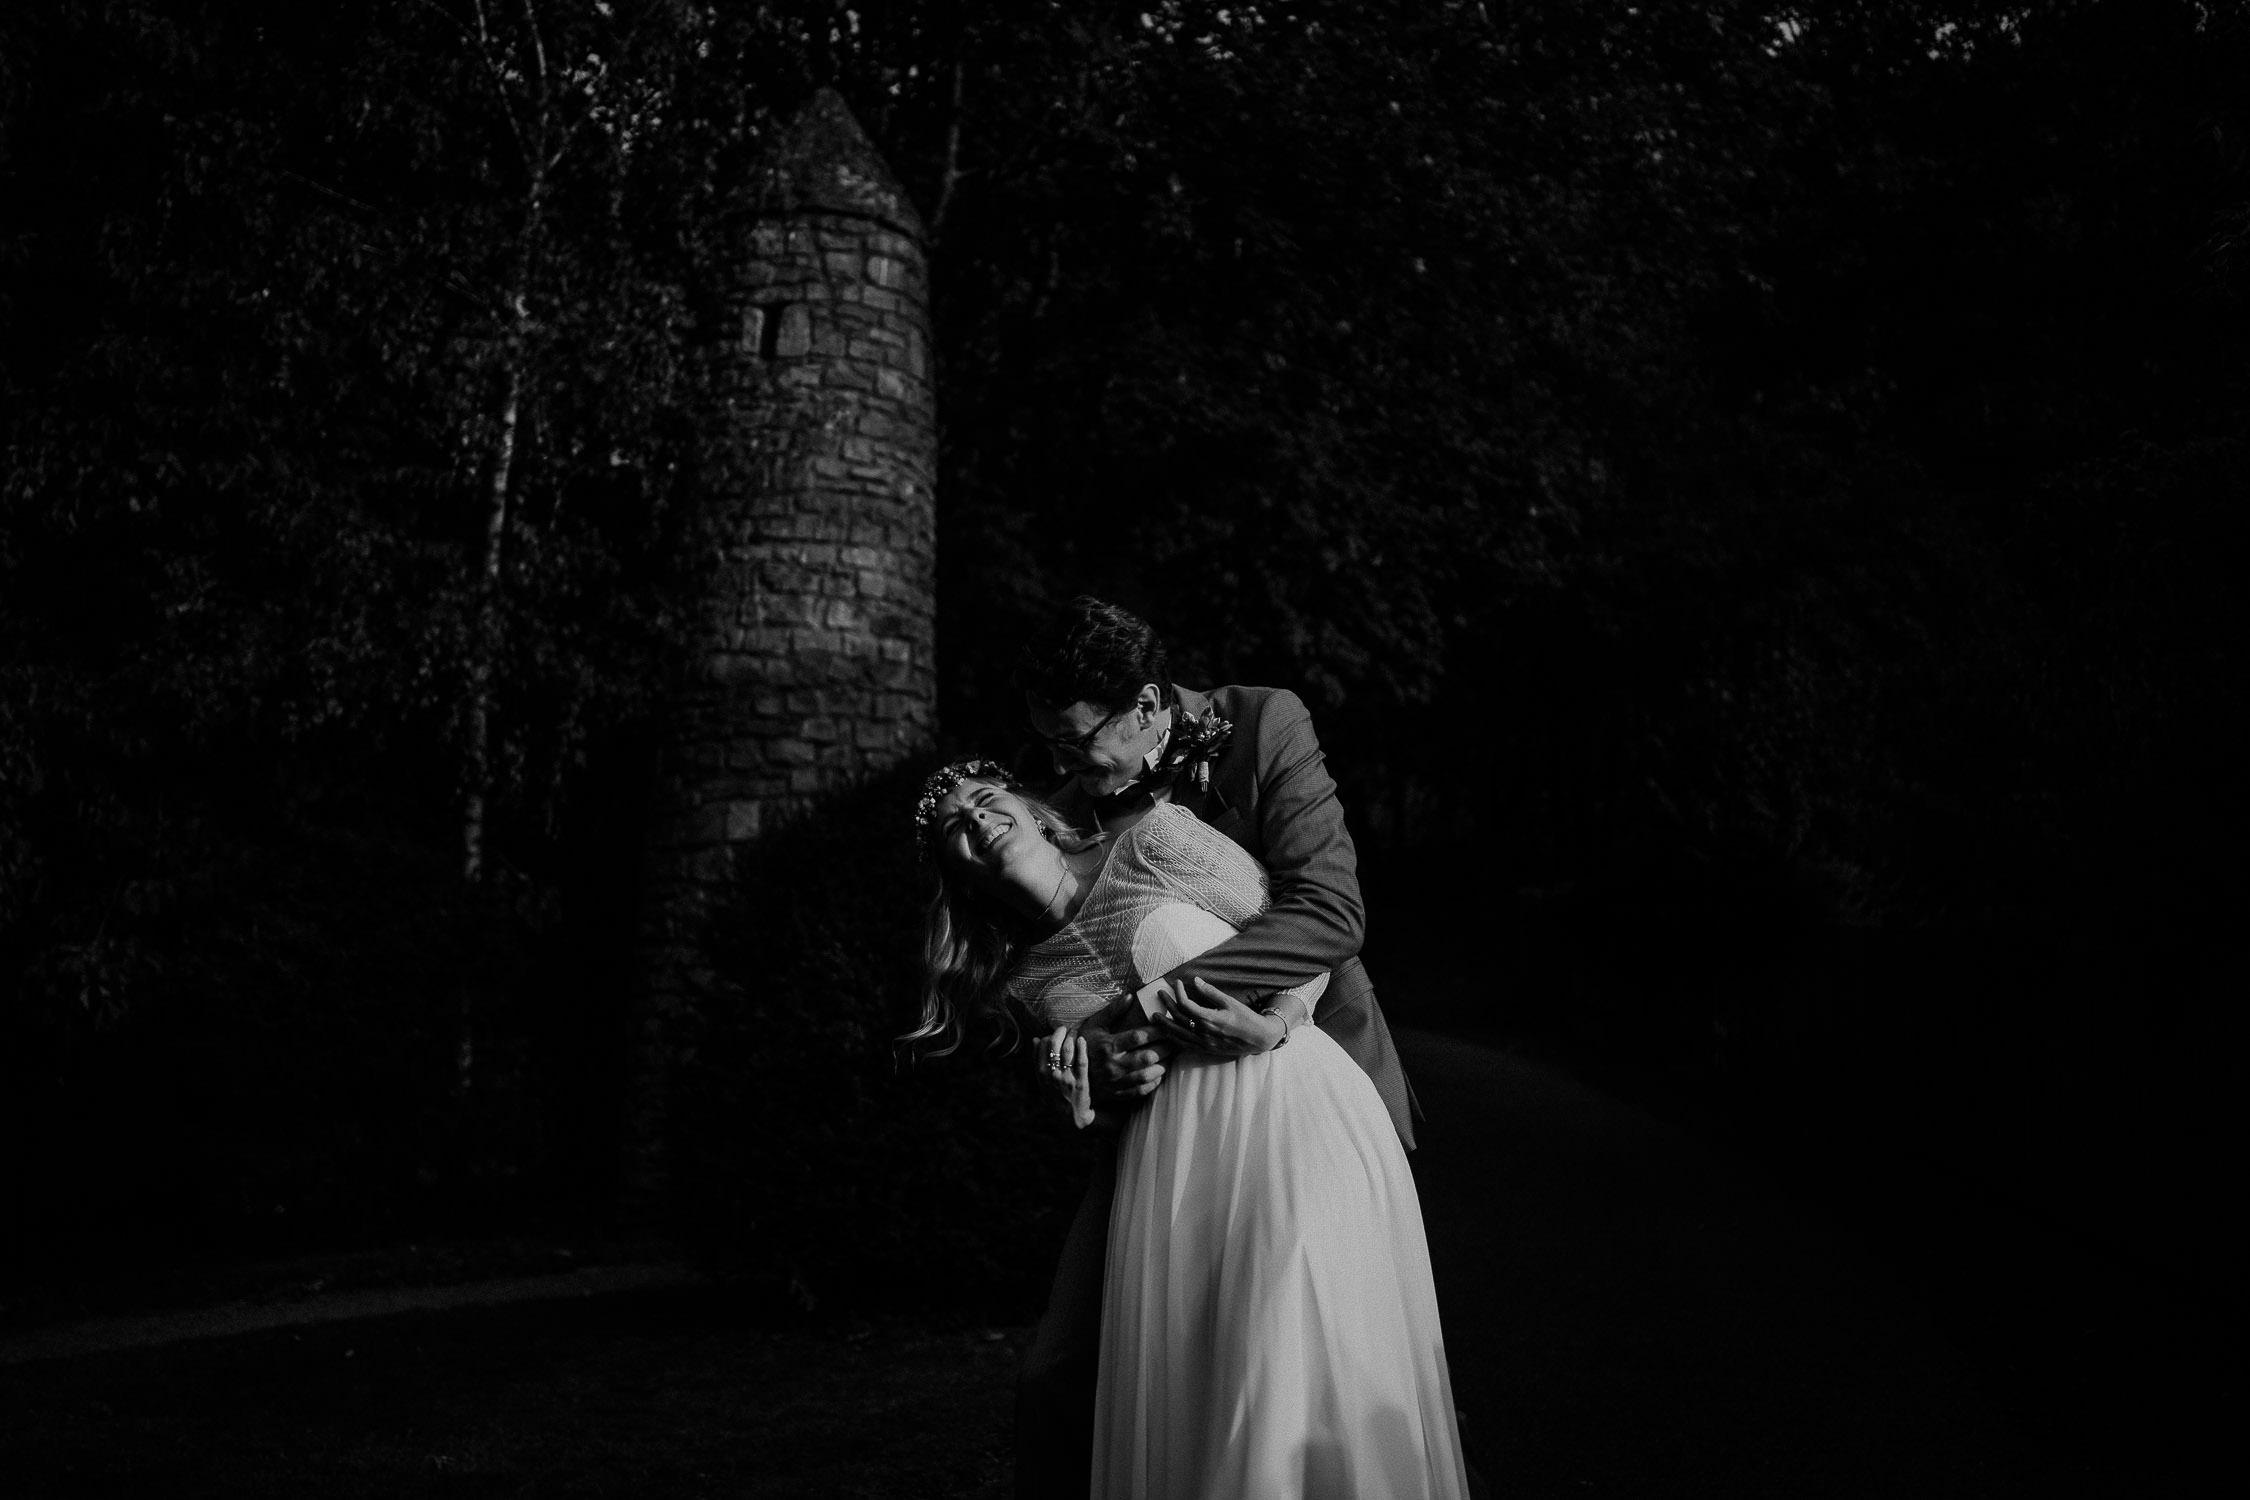 Portrait des Brautpaares in Schwarz Weiß. Fotografiert von Hochzeitsfotograf Axel Link. Die Braut lacht.